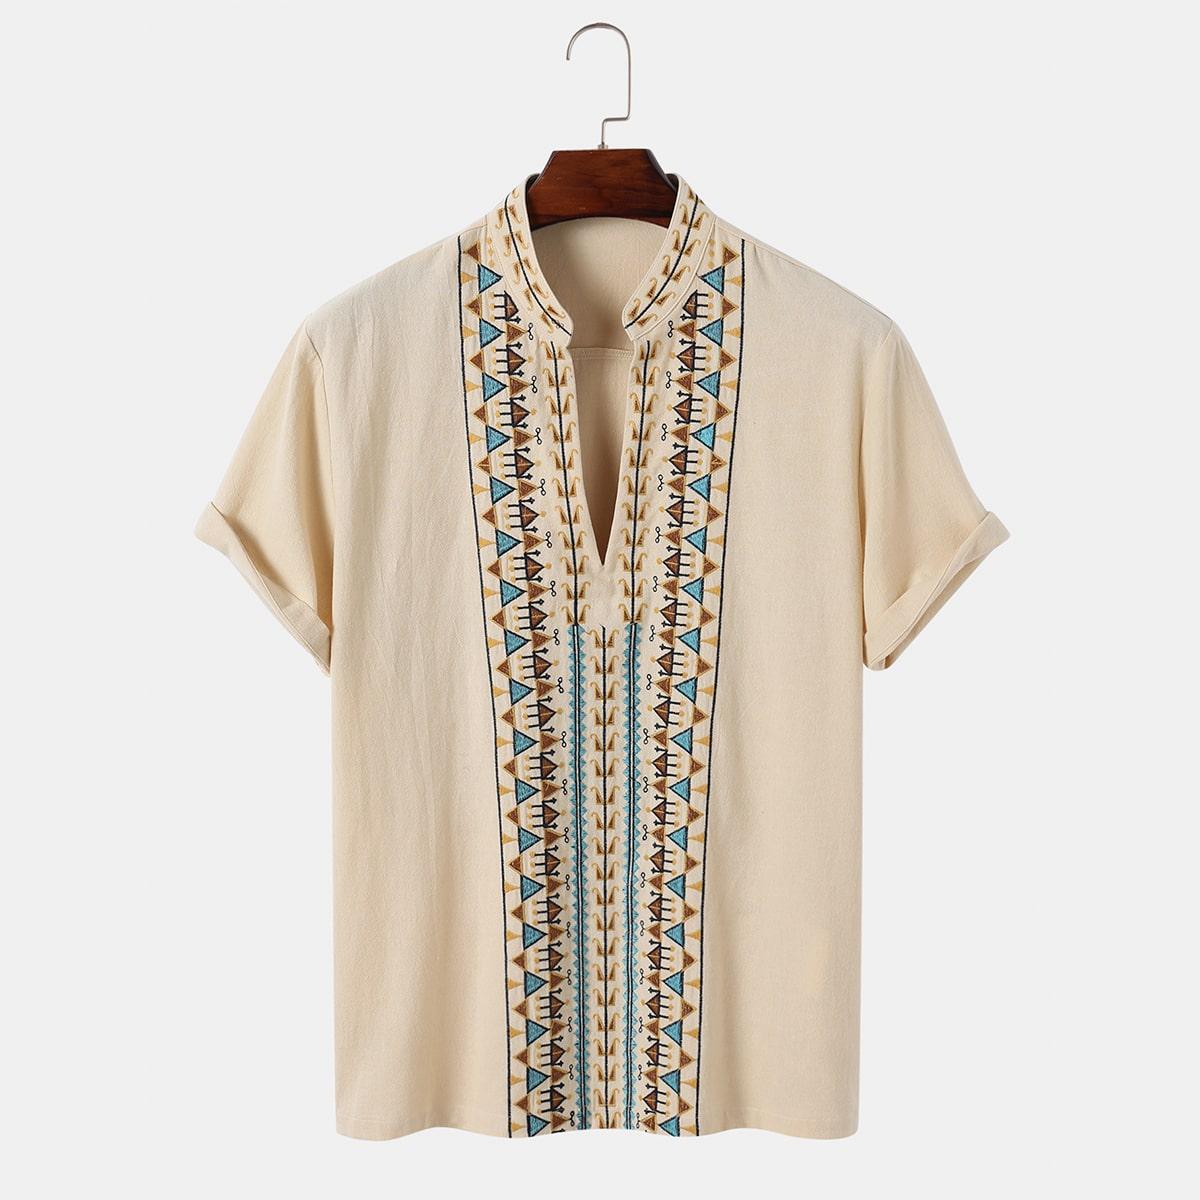 Мужская рубашка с геометрической вышивкой